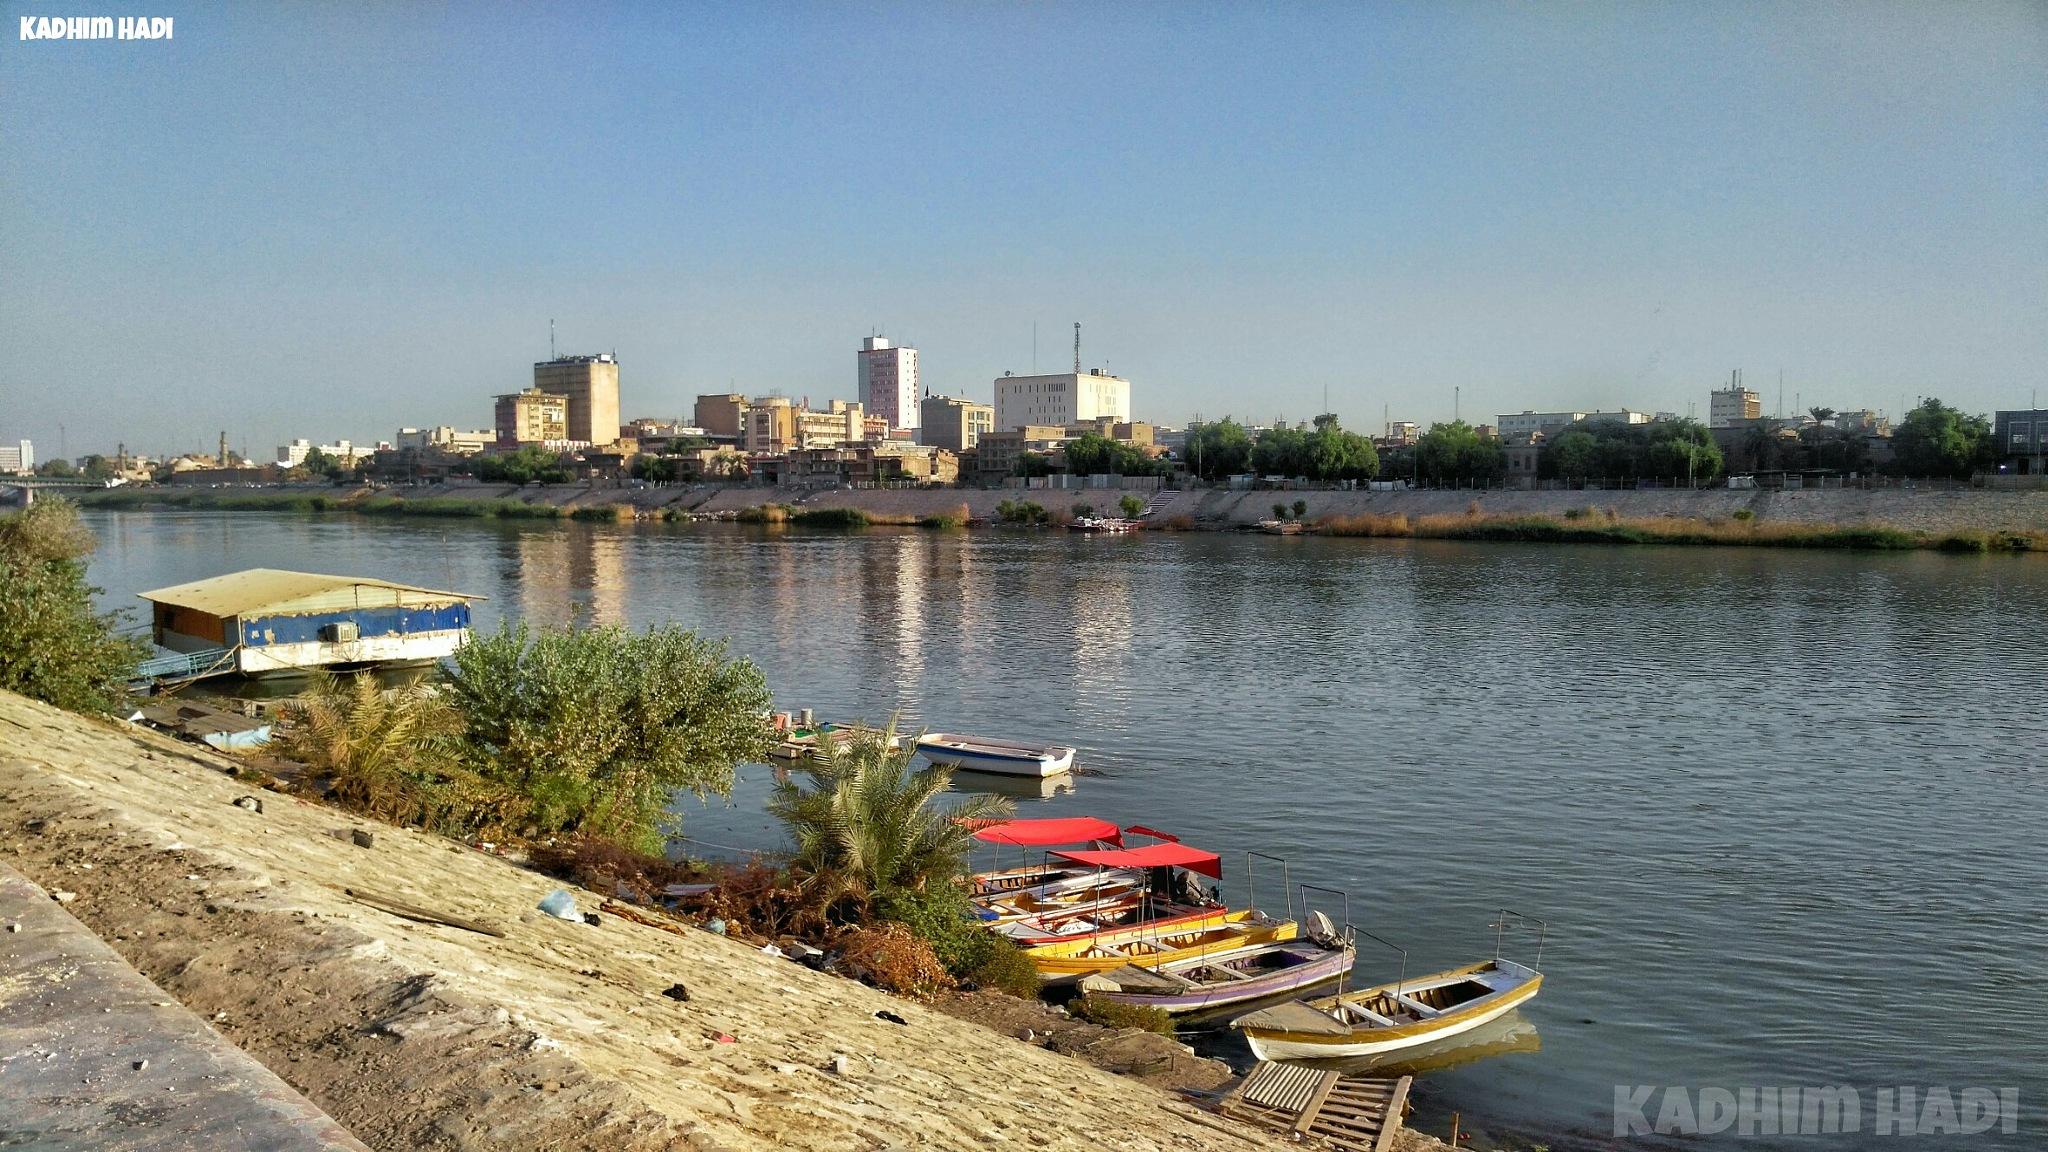 Baghdad by Kadhim Hadi